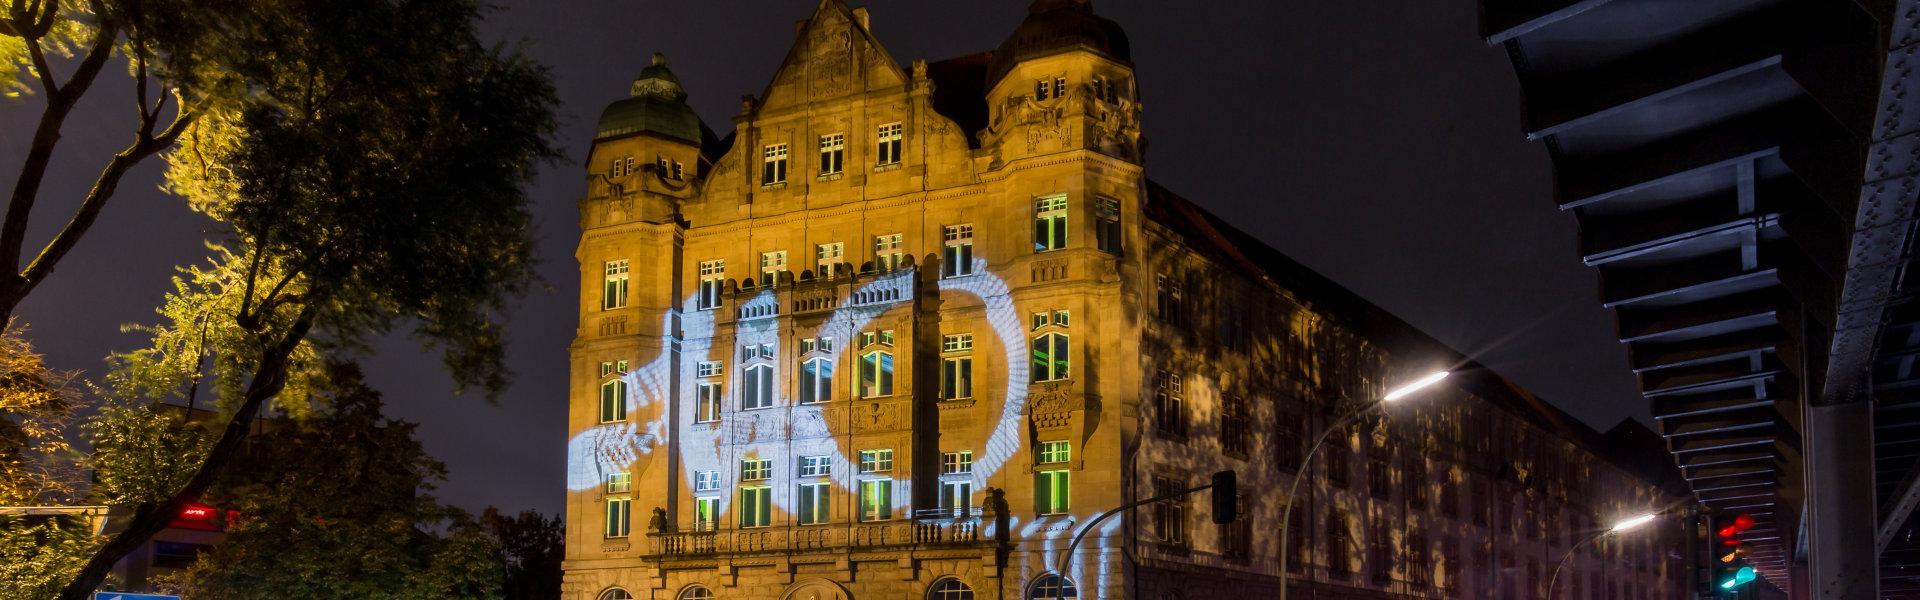 Projektion zum 110-jährigen Jubiläum am Patentamt in Berlin